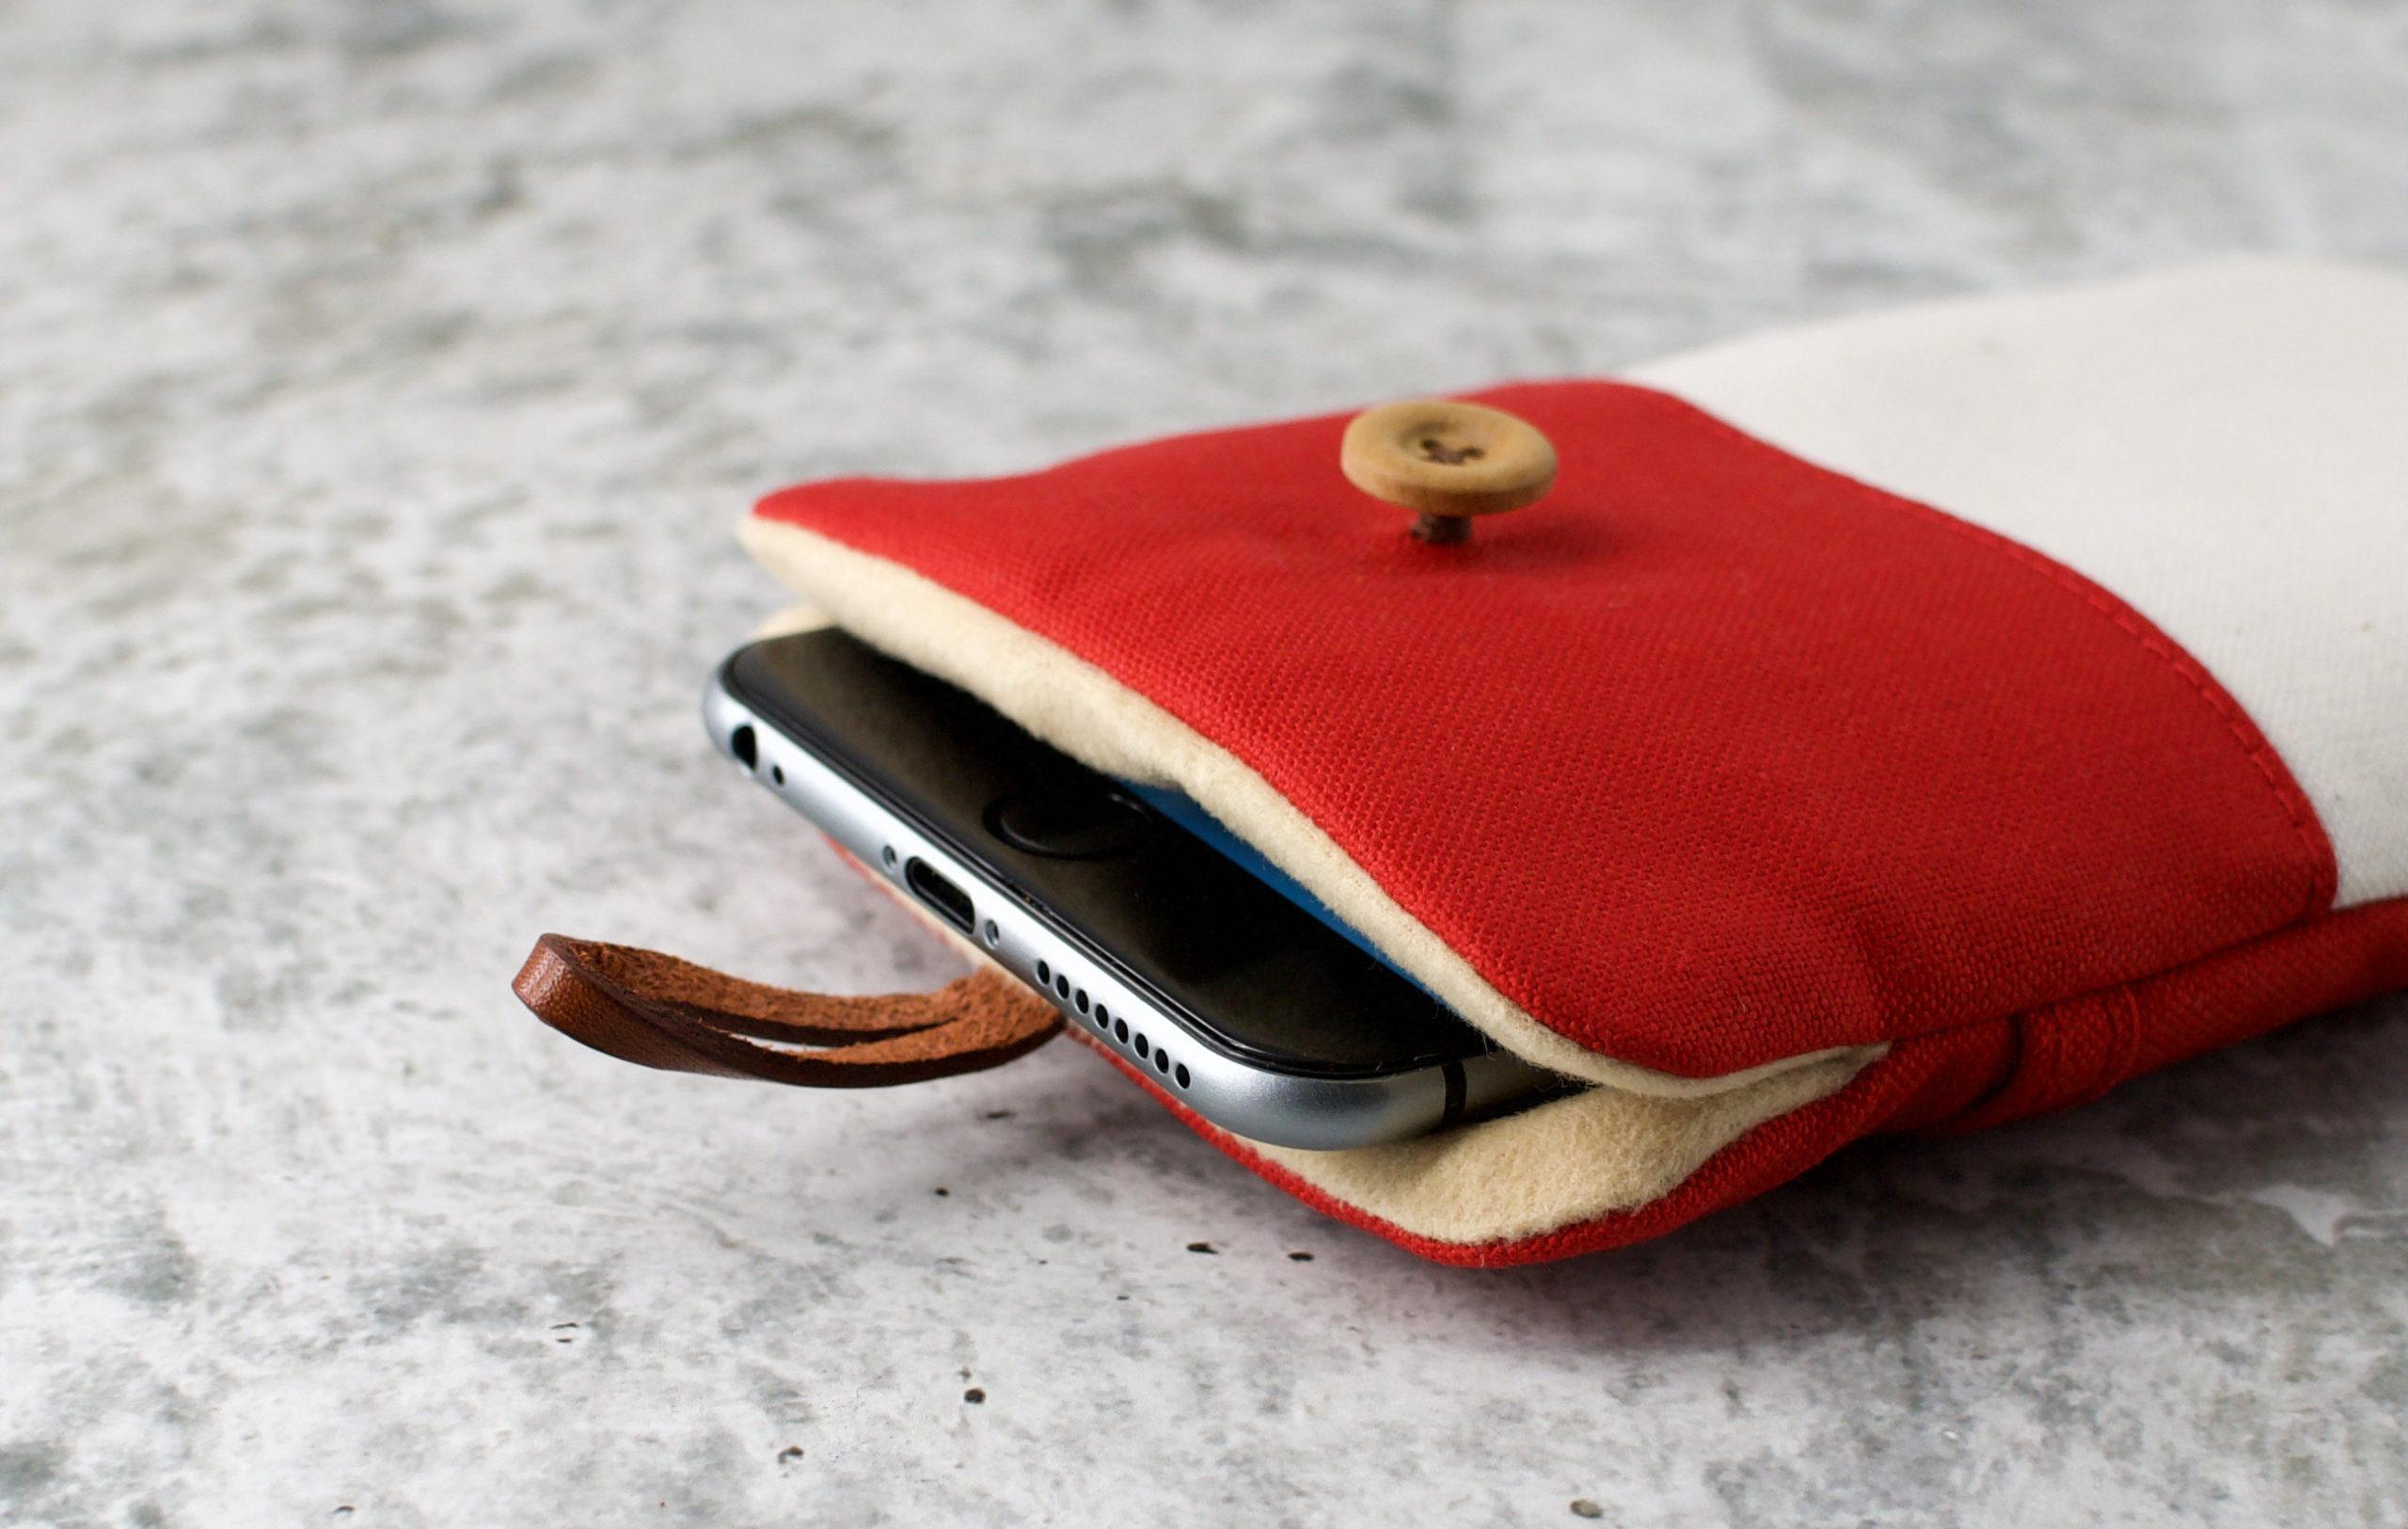 帆布と本革のスマホケース(スマホポーチ)/赤と生成りの内側